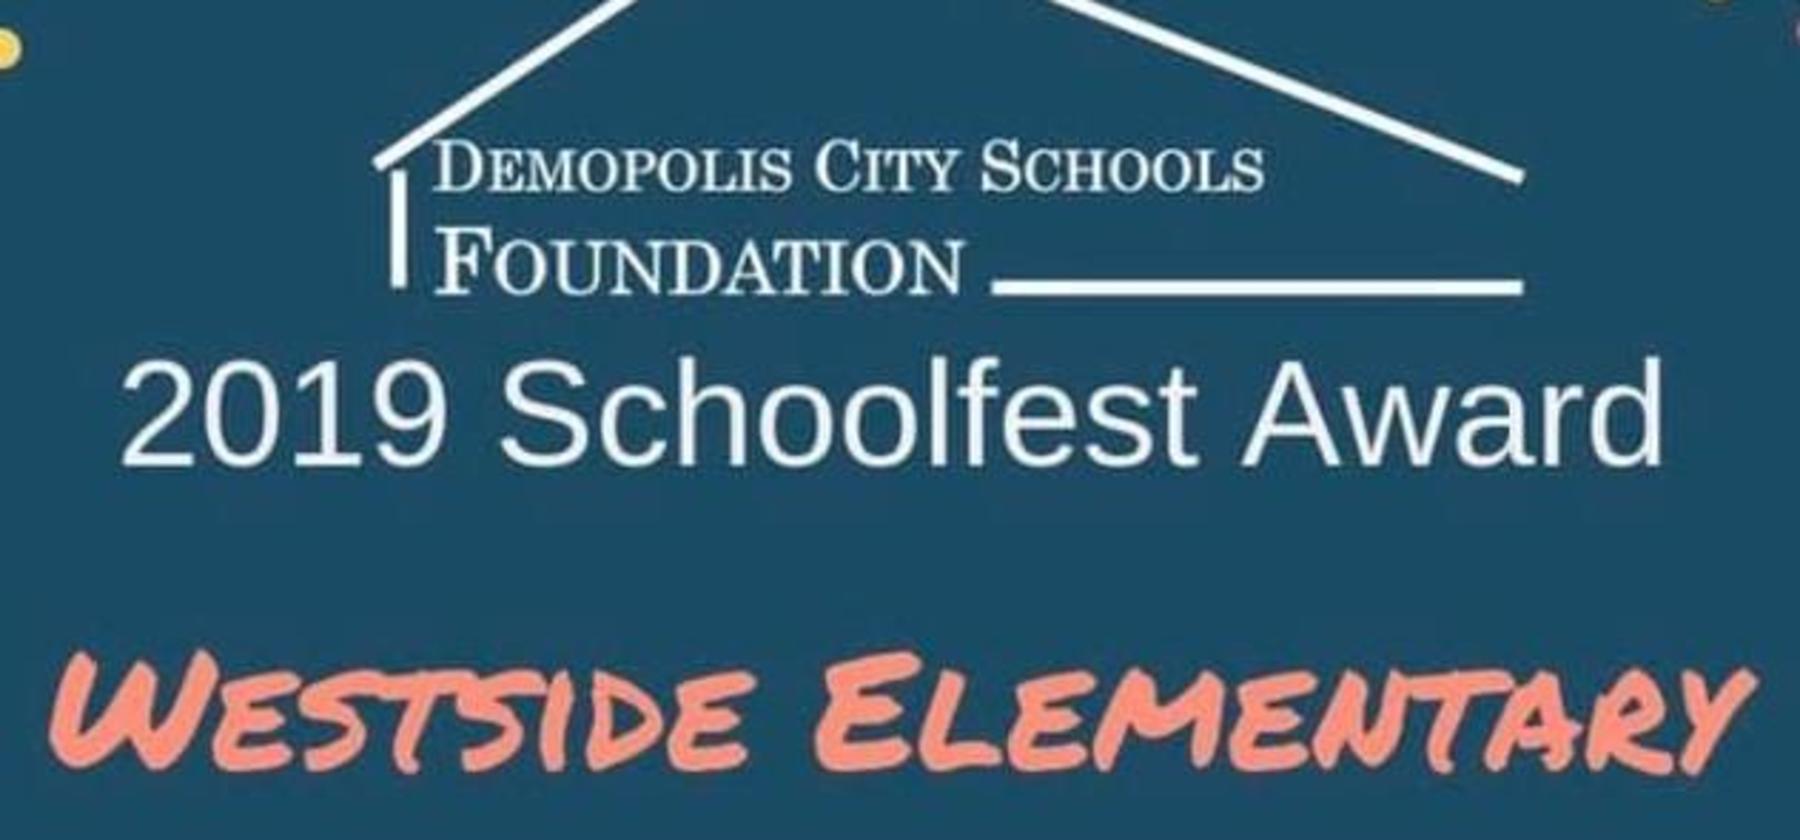 schoolfest award